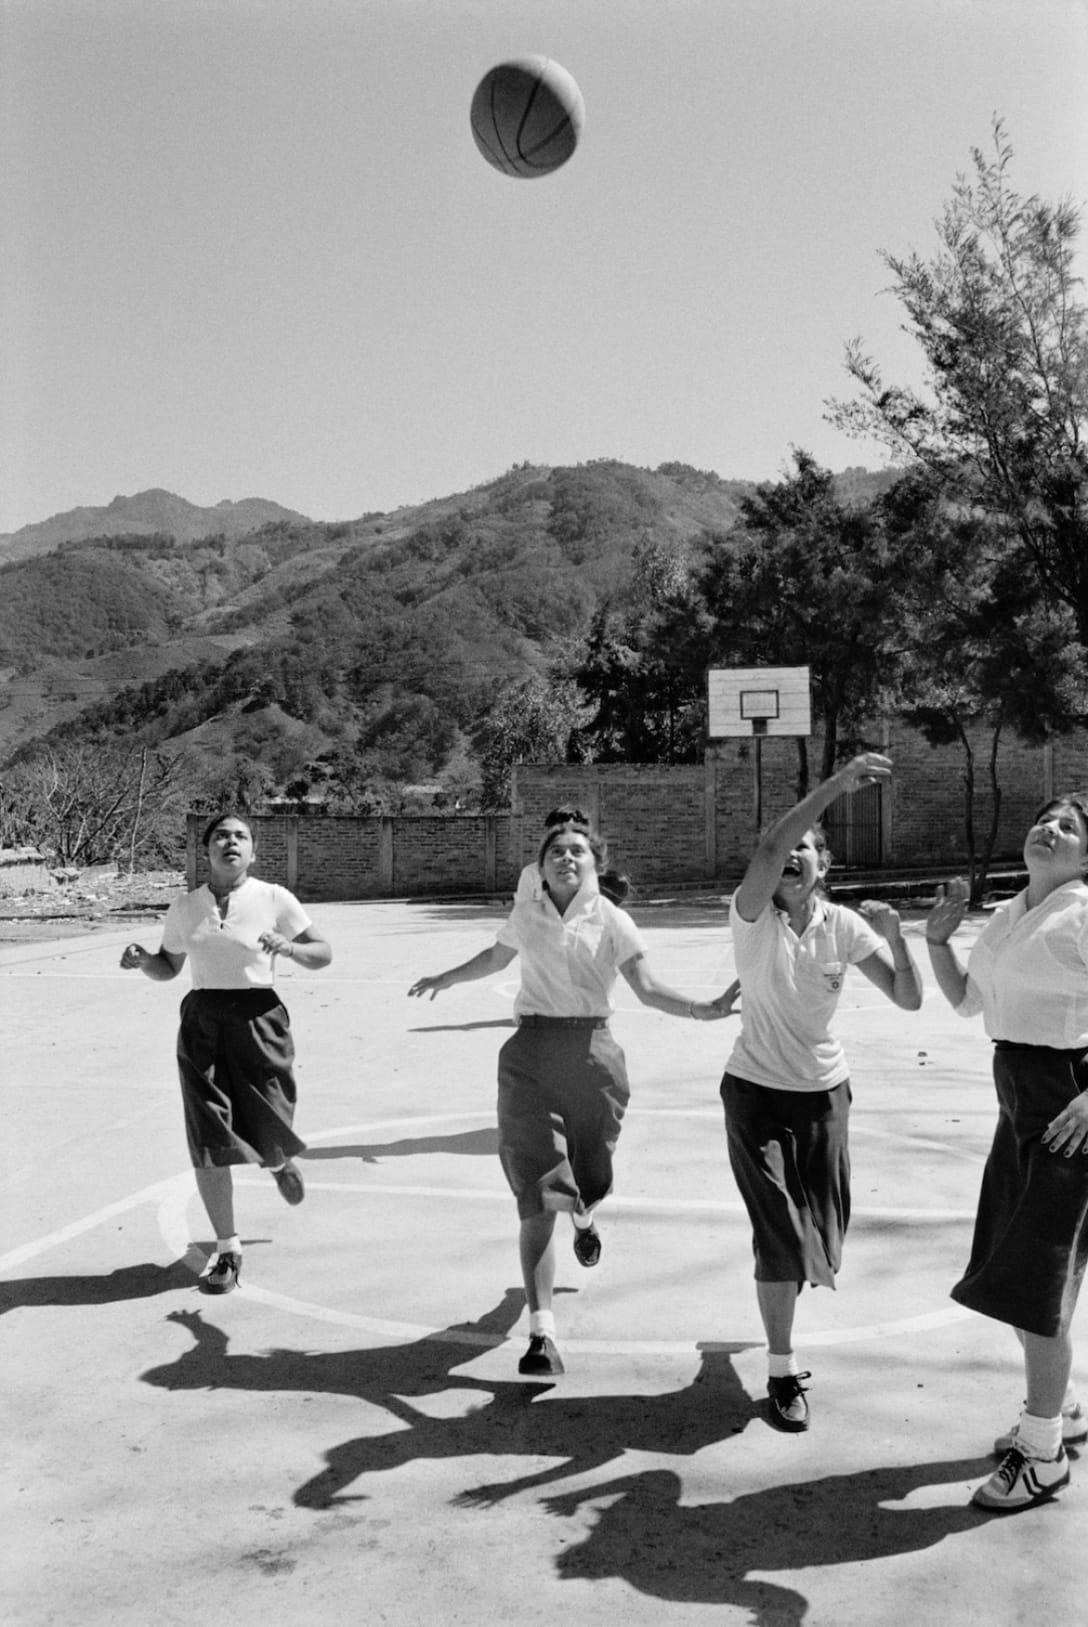 クリス・スティール=パーキンスによる作品 El Salvador, 1984 © Chris Steele Perkins / Magnum Photos